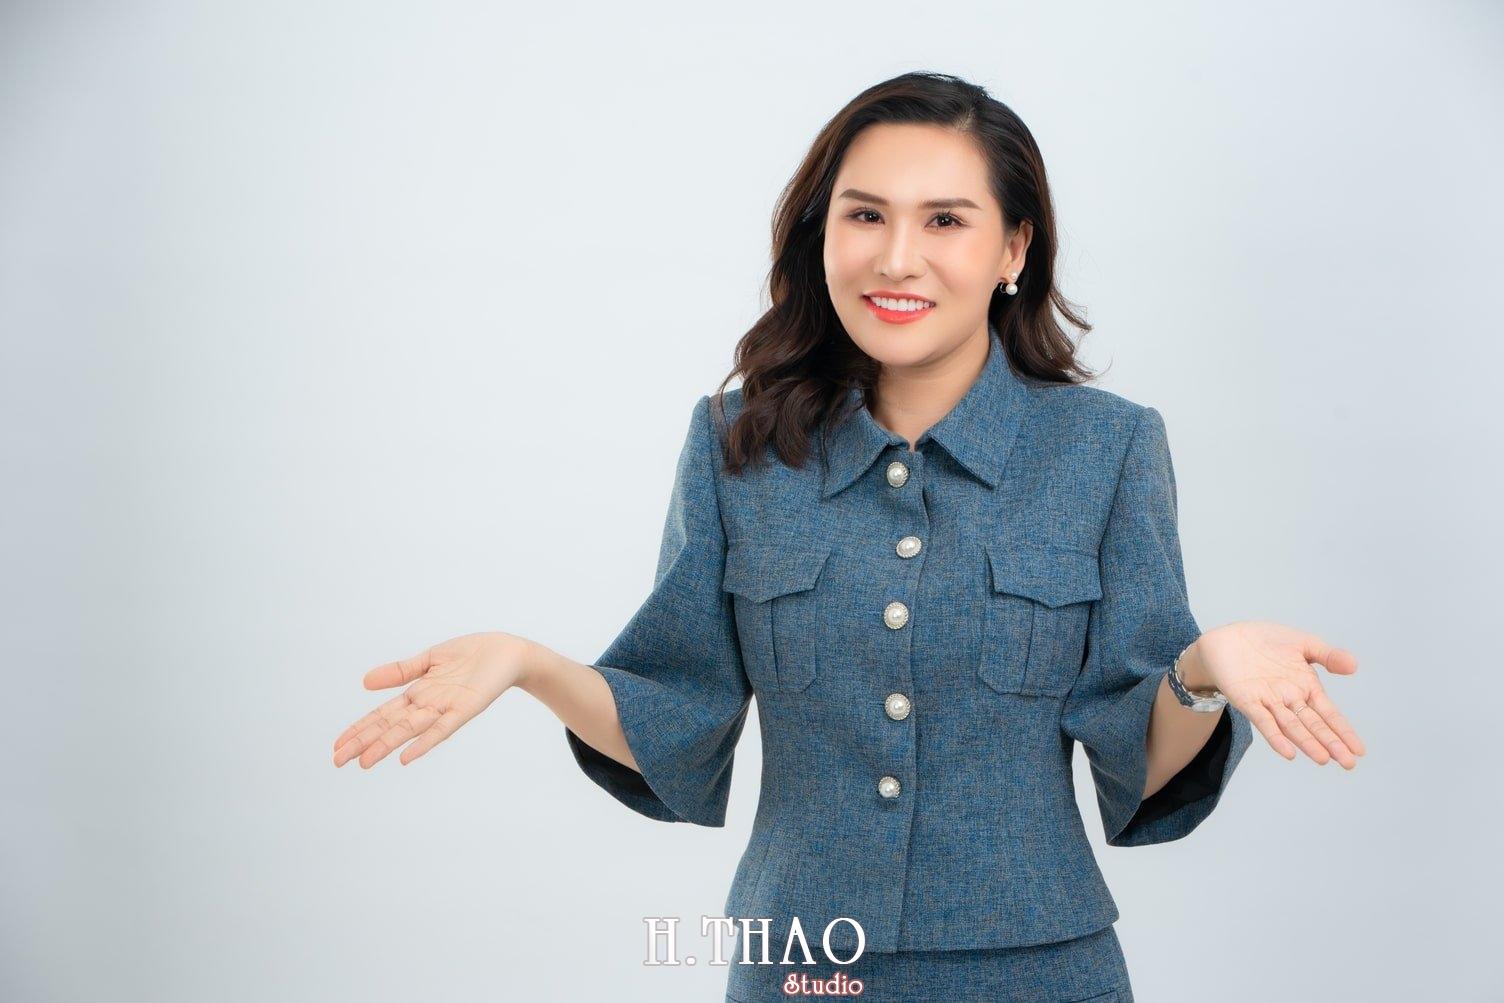 Doanh nhan nu 3 - Báo giá chụp ảnh cá nhân